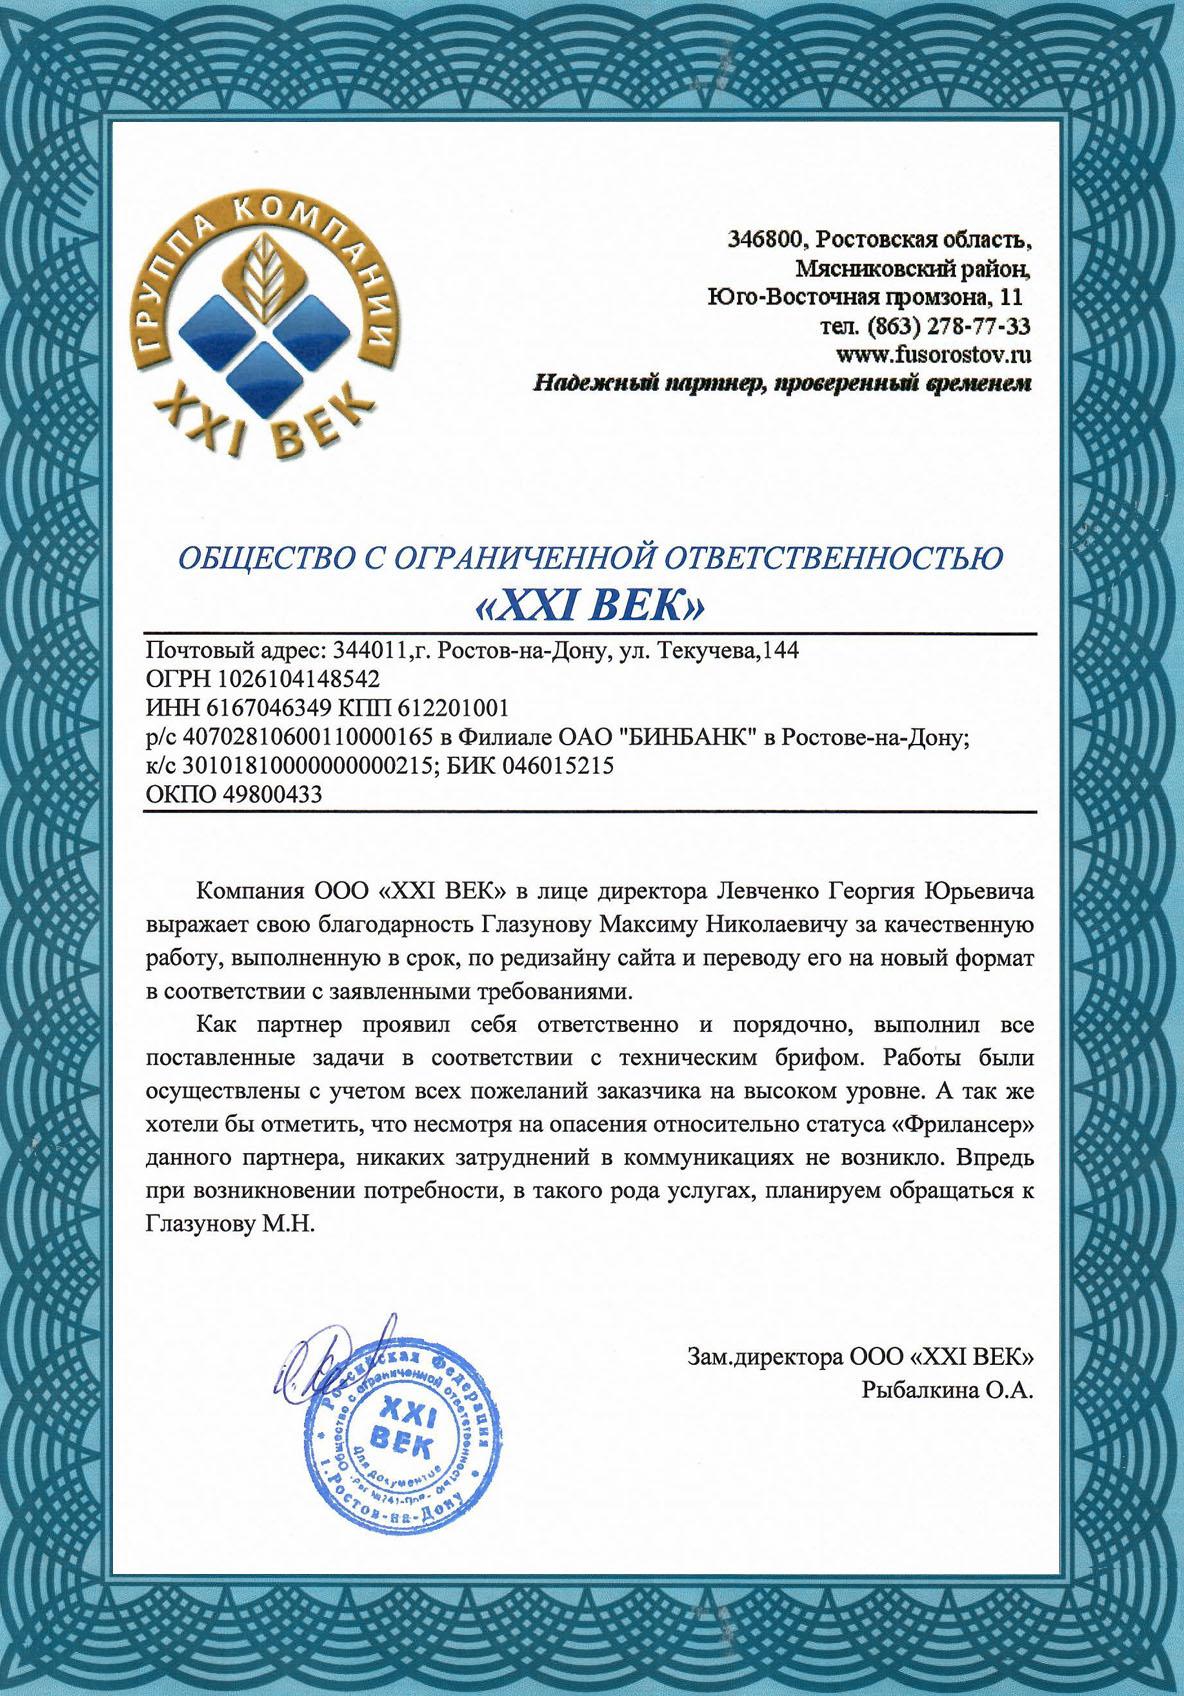 Благодарственное письмо от компании ООО XXI ВЕК Глазунову Максиму